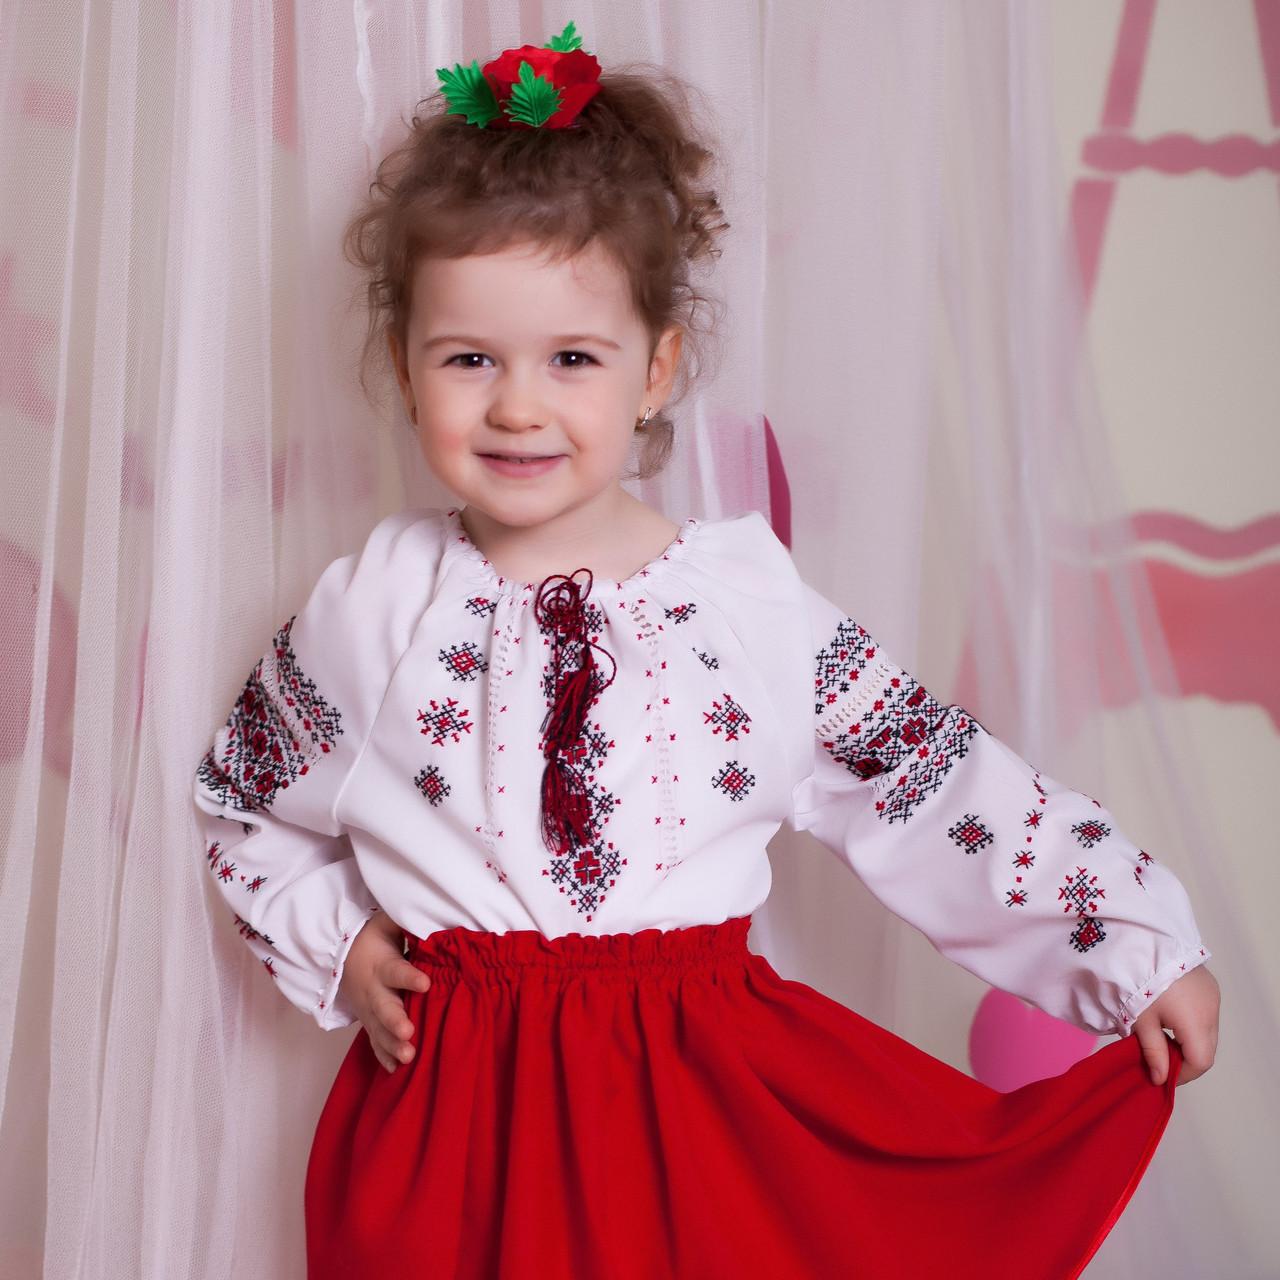 Дитяча вишиванка для дівчинки (ручна вишивка 1d5189d9493a2